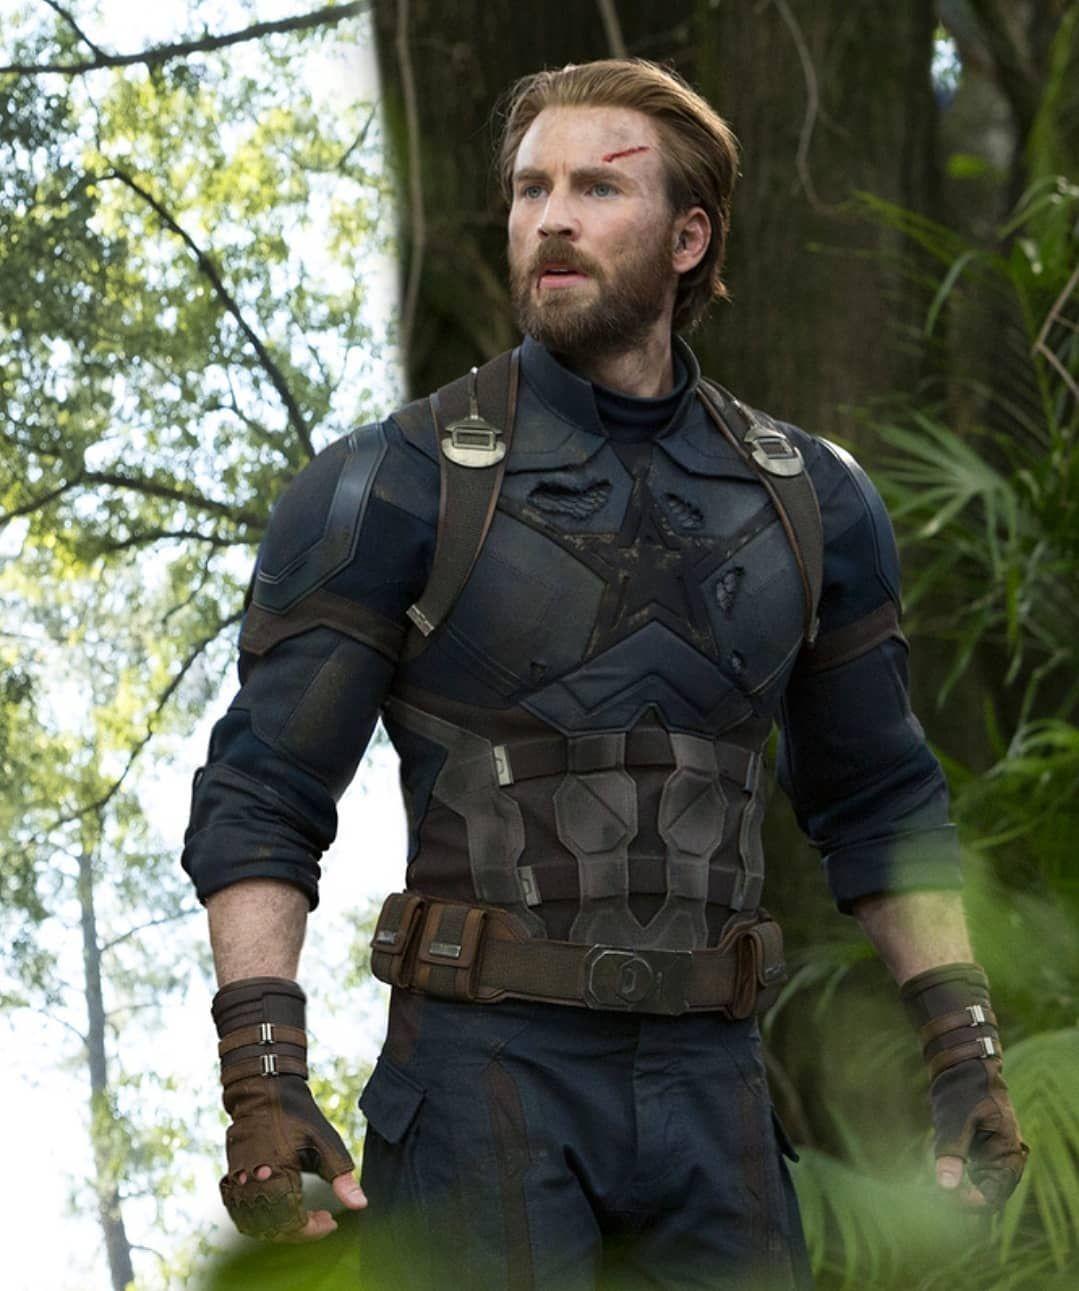 Avengers Infinity War 2018 Chris Evans Chris Evans Captain America Captain America Wallpaper